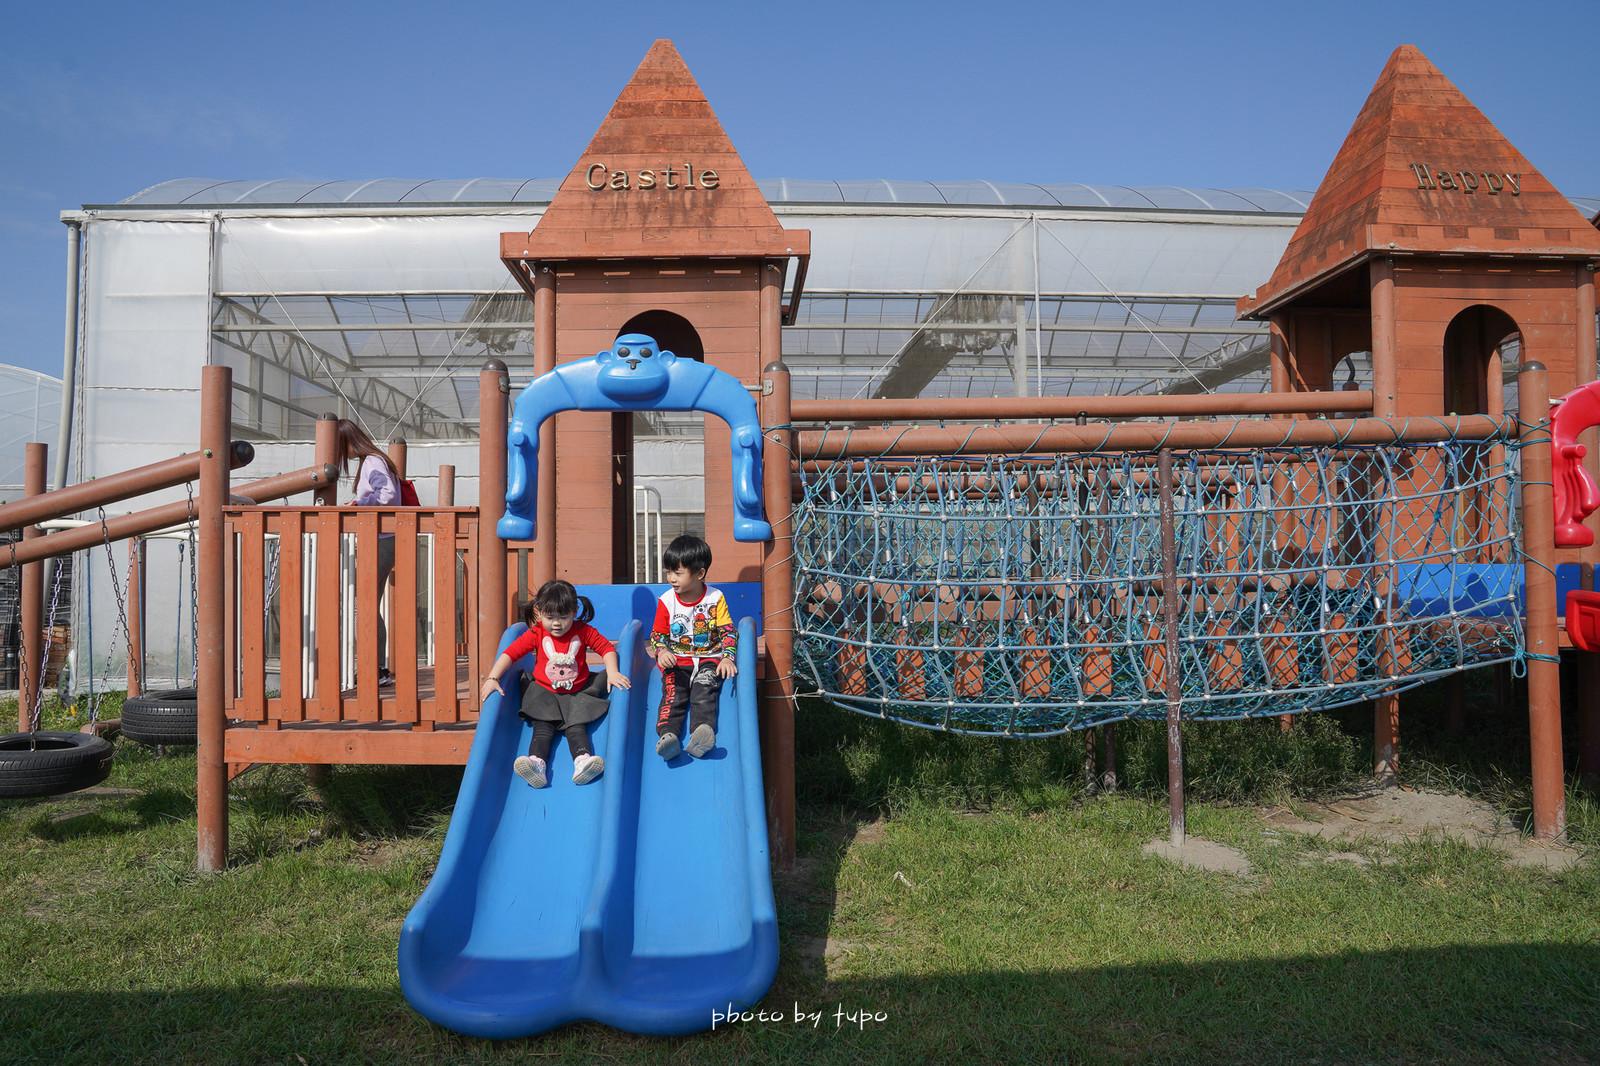 彰化景點|樂採果溫室農場2.0變得更好玩| 採果.控窯.玉米筍農夫體驗.釣魚.玩泥巴.堆積木.攀爬城堡溜滑梯,玩到不想回家了